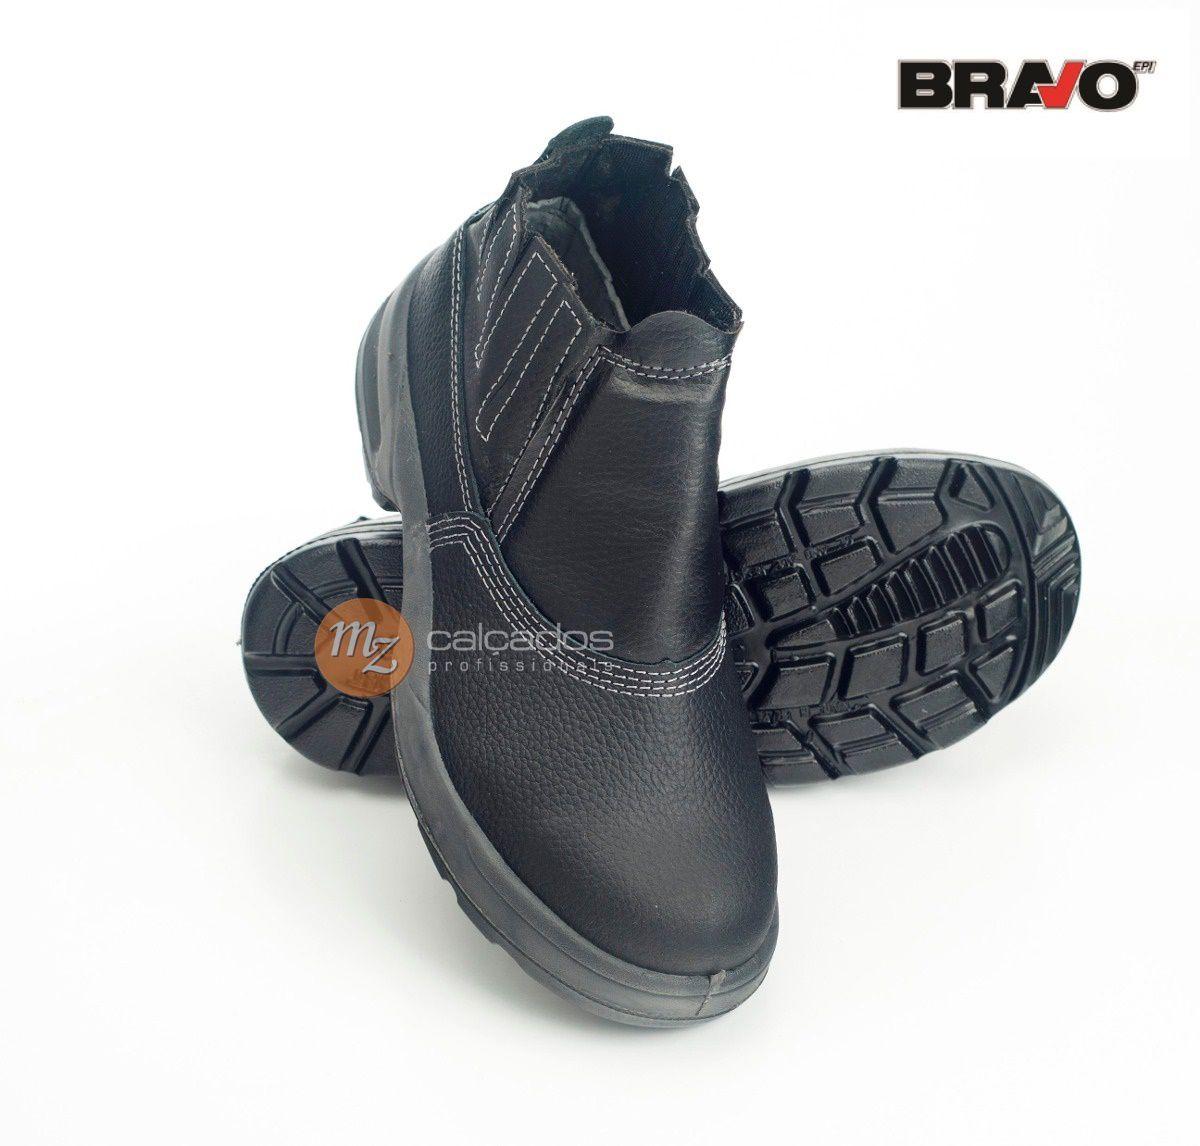 Bota De Seguranca Bravo Bracol Bico Aco 4095uses2400lb Ca 39510